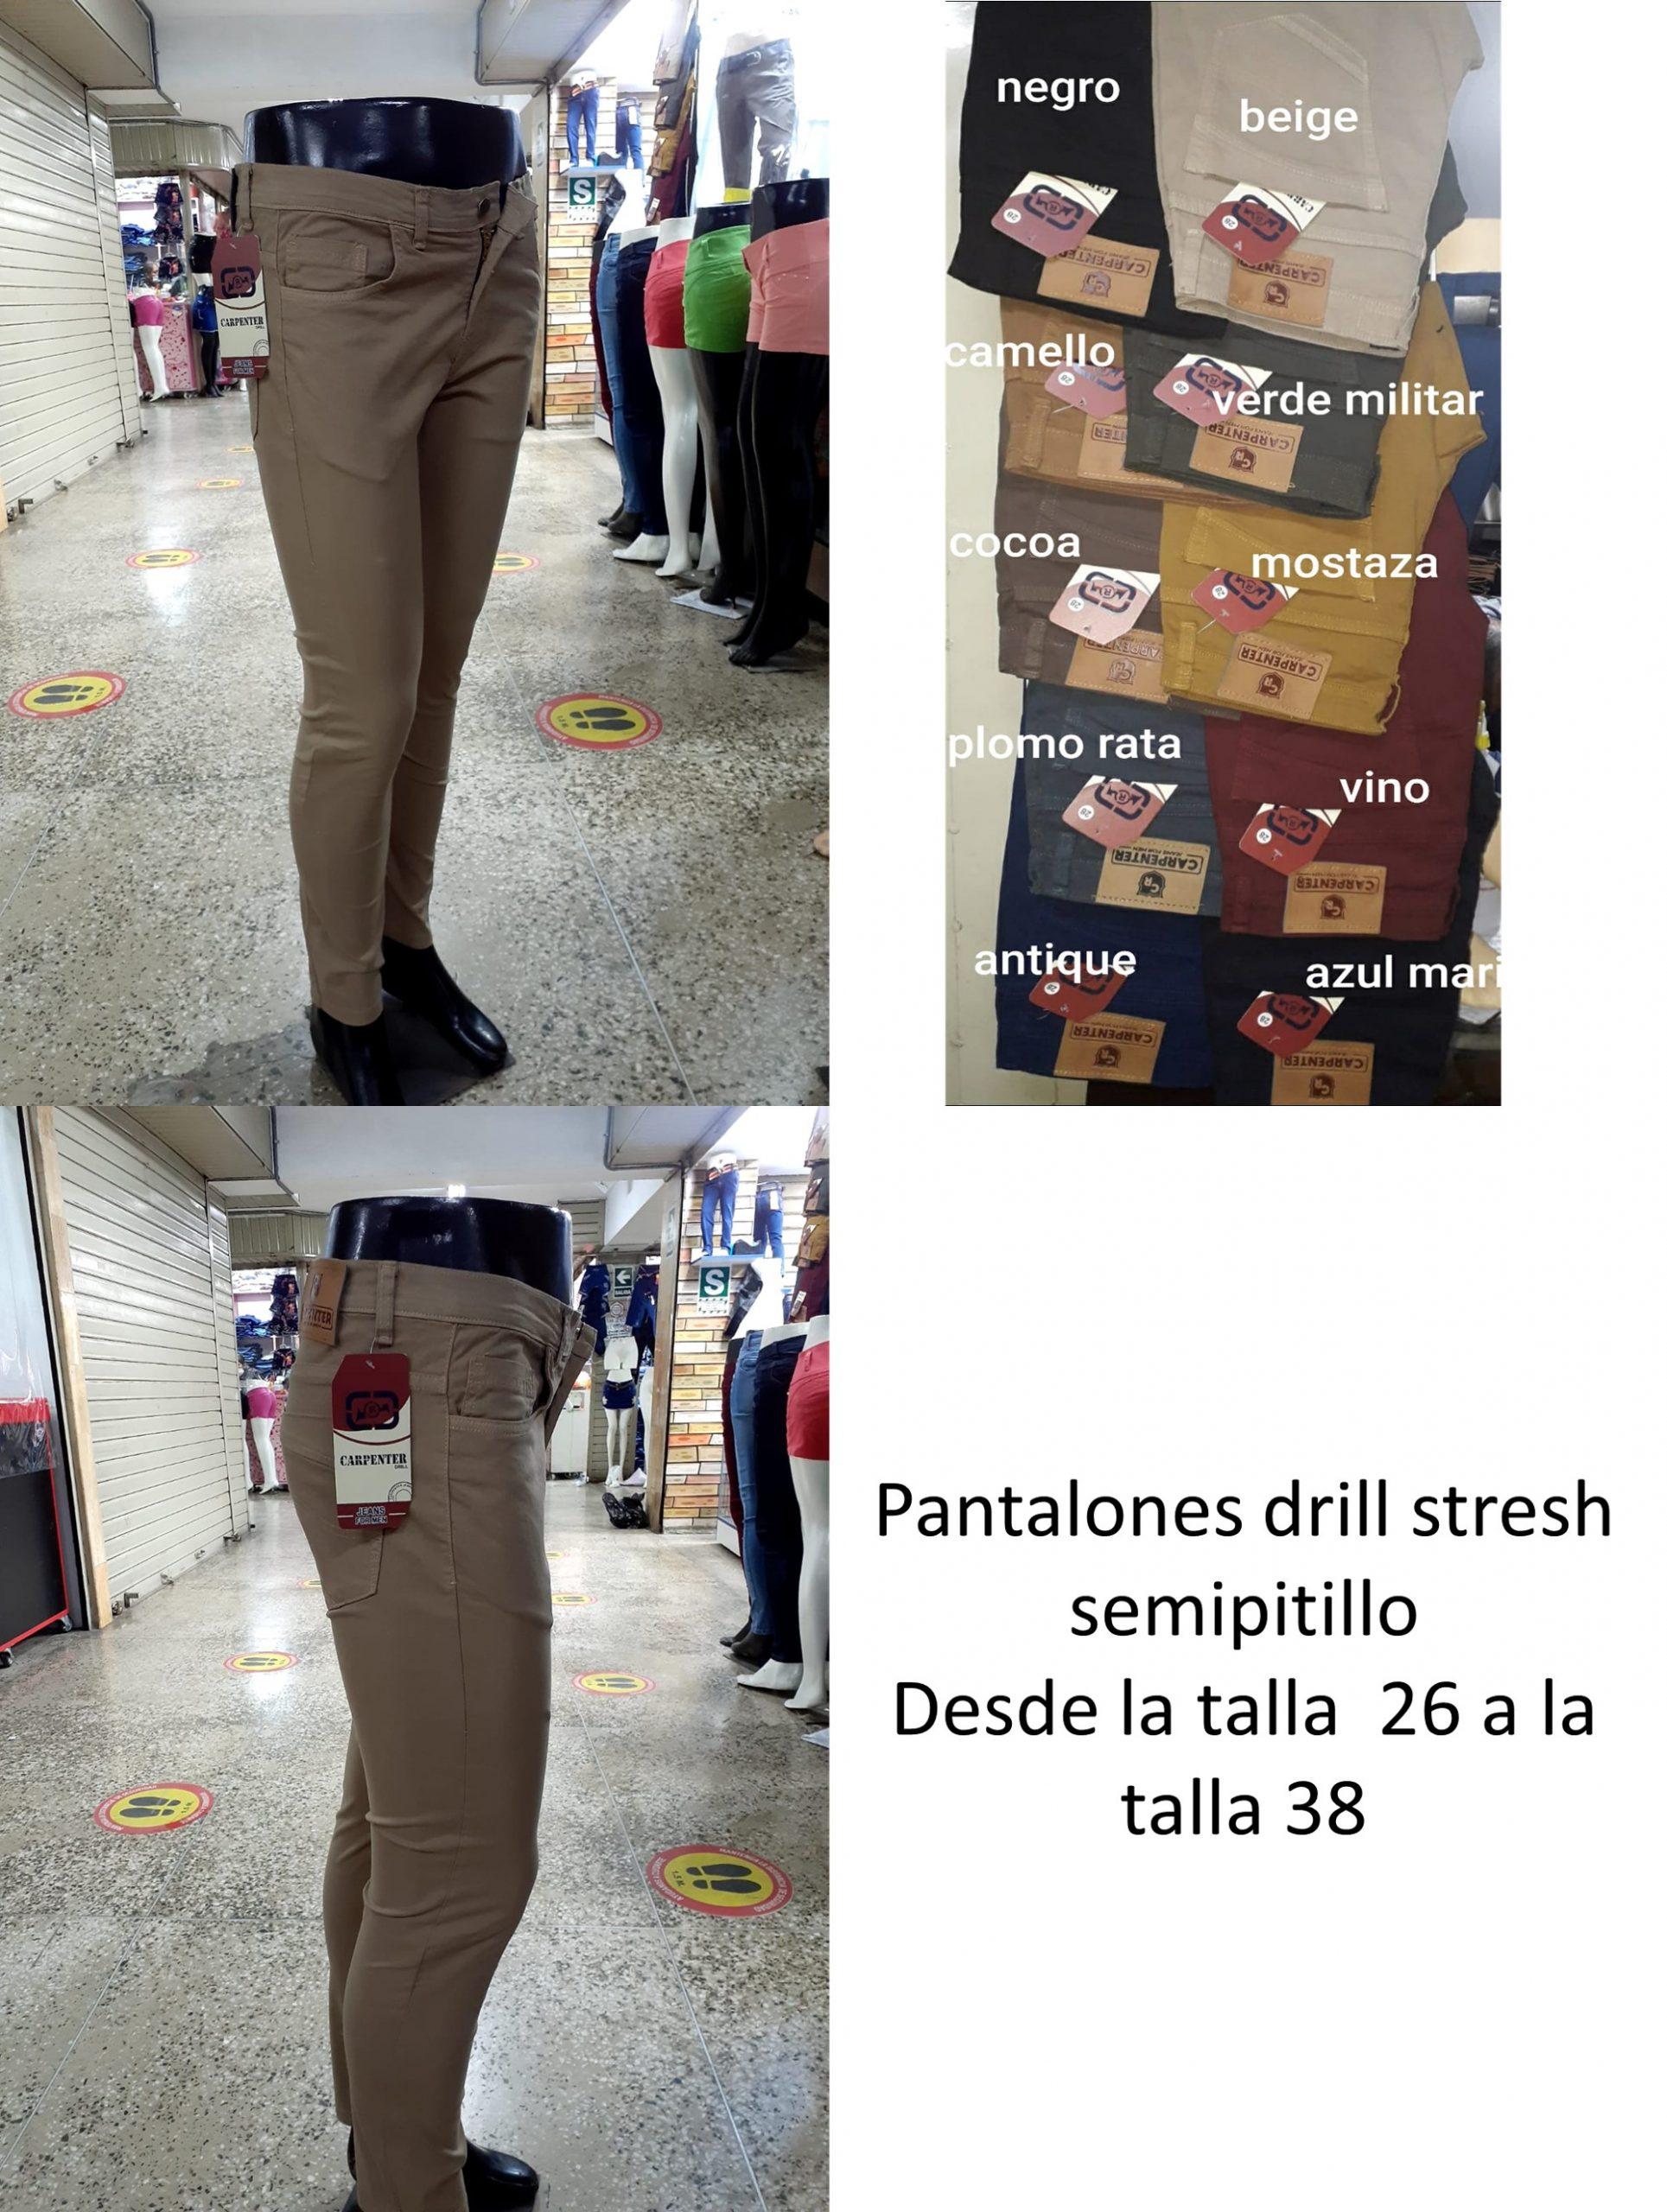 Pantalon Drill Strech Semipitillo De Hombre Gamarra Ropa En Peru